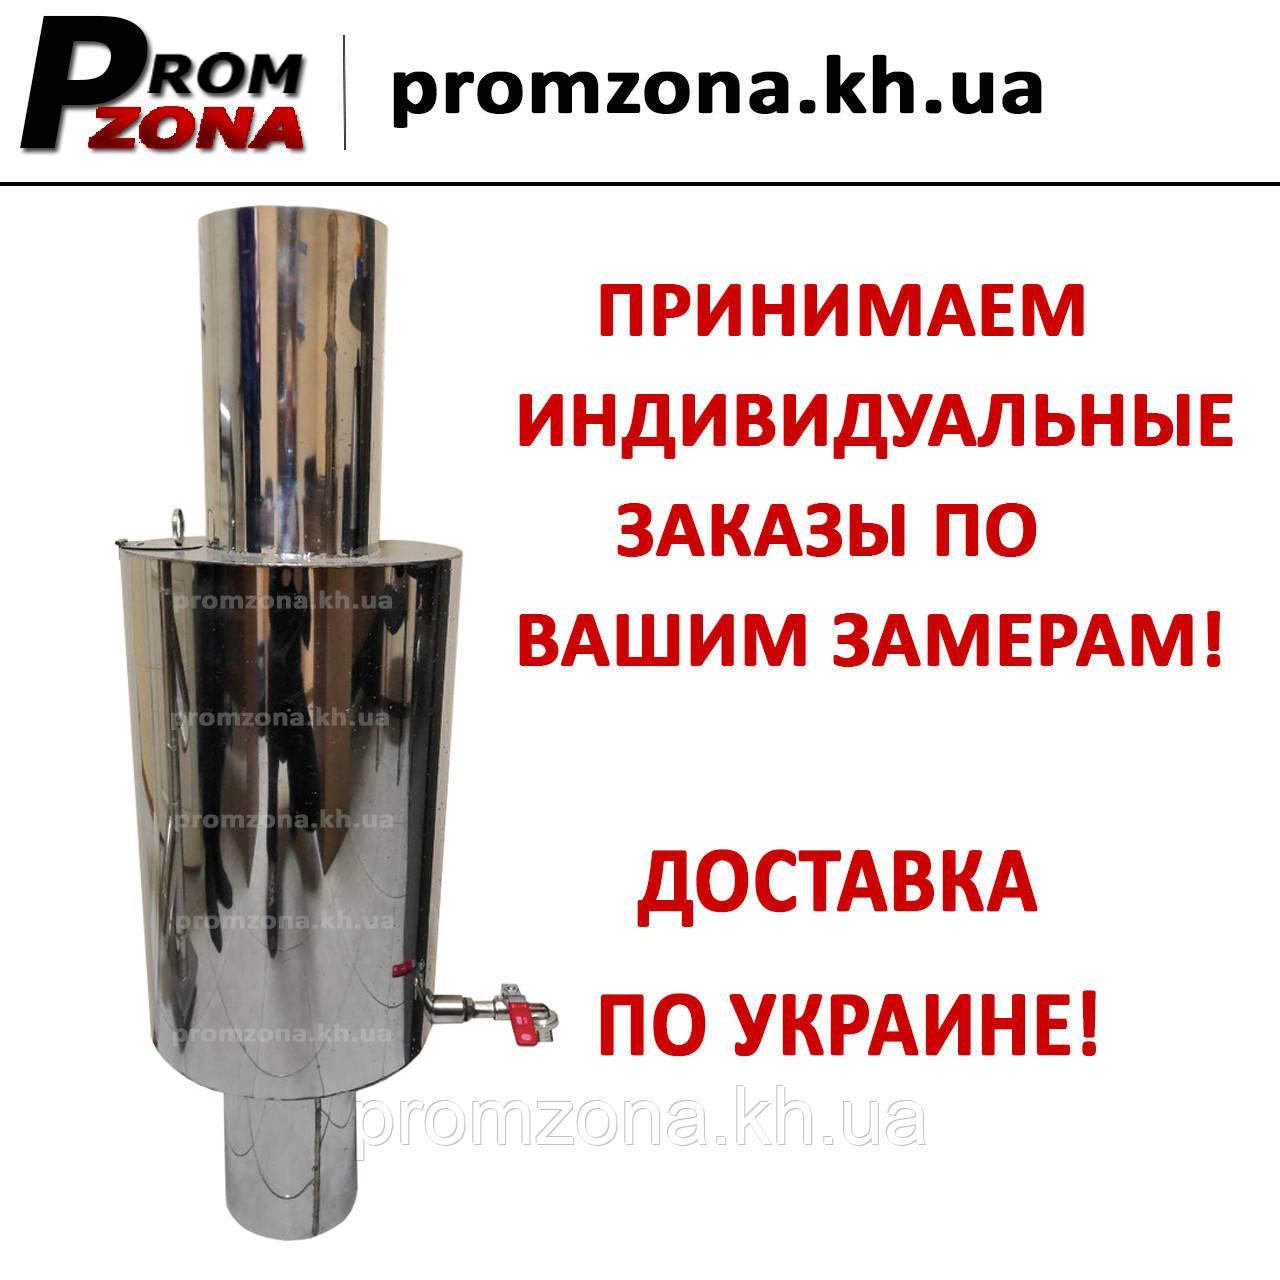 Бак з нержавійки для кам'янки в сауну 140/300 мм 55 л